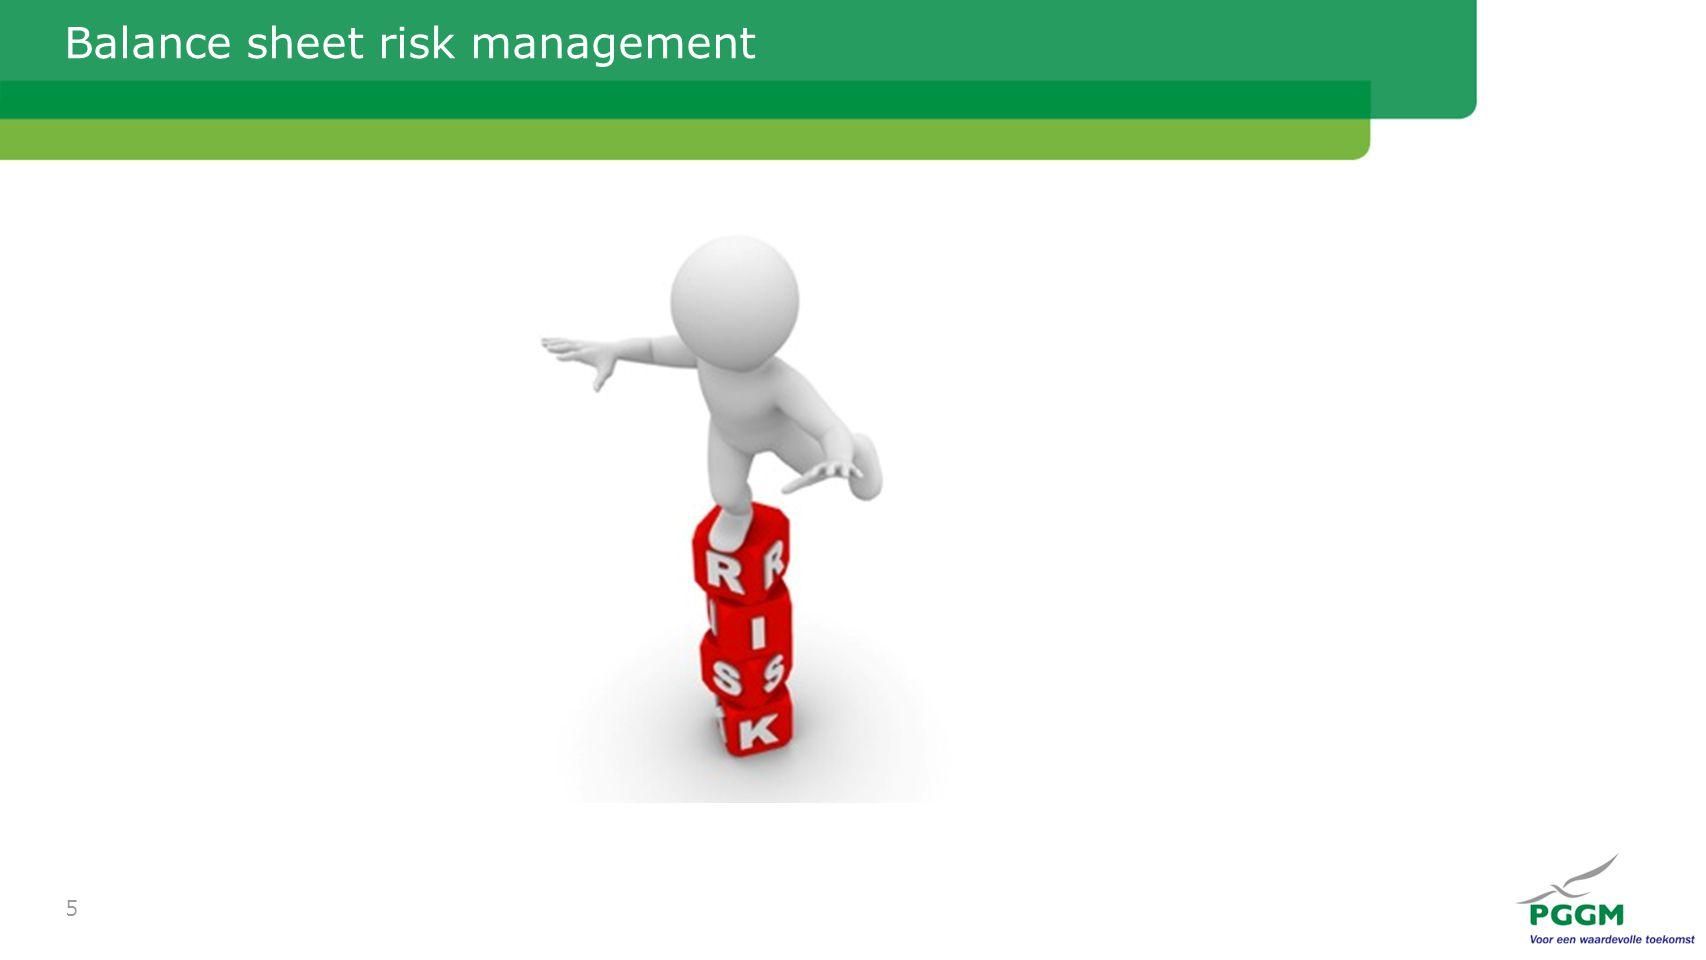 Balance sheet risk management 5